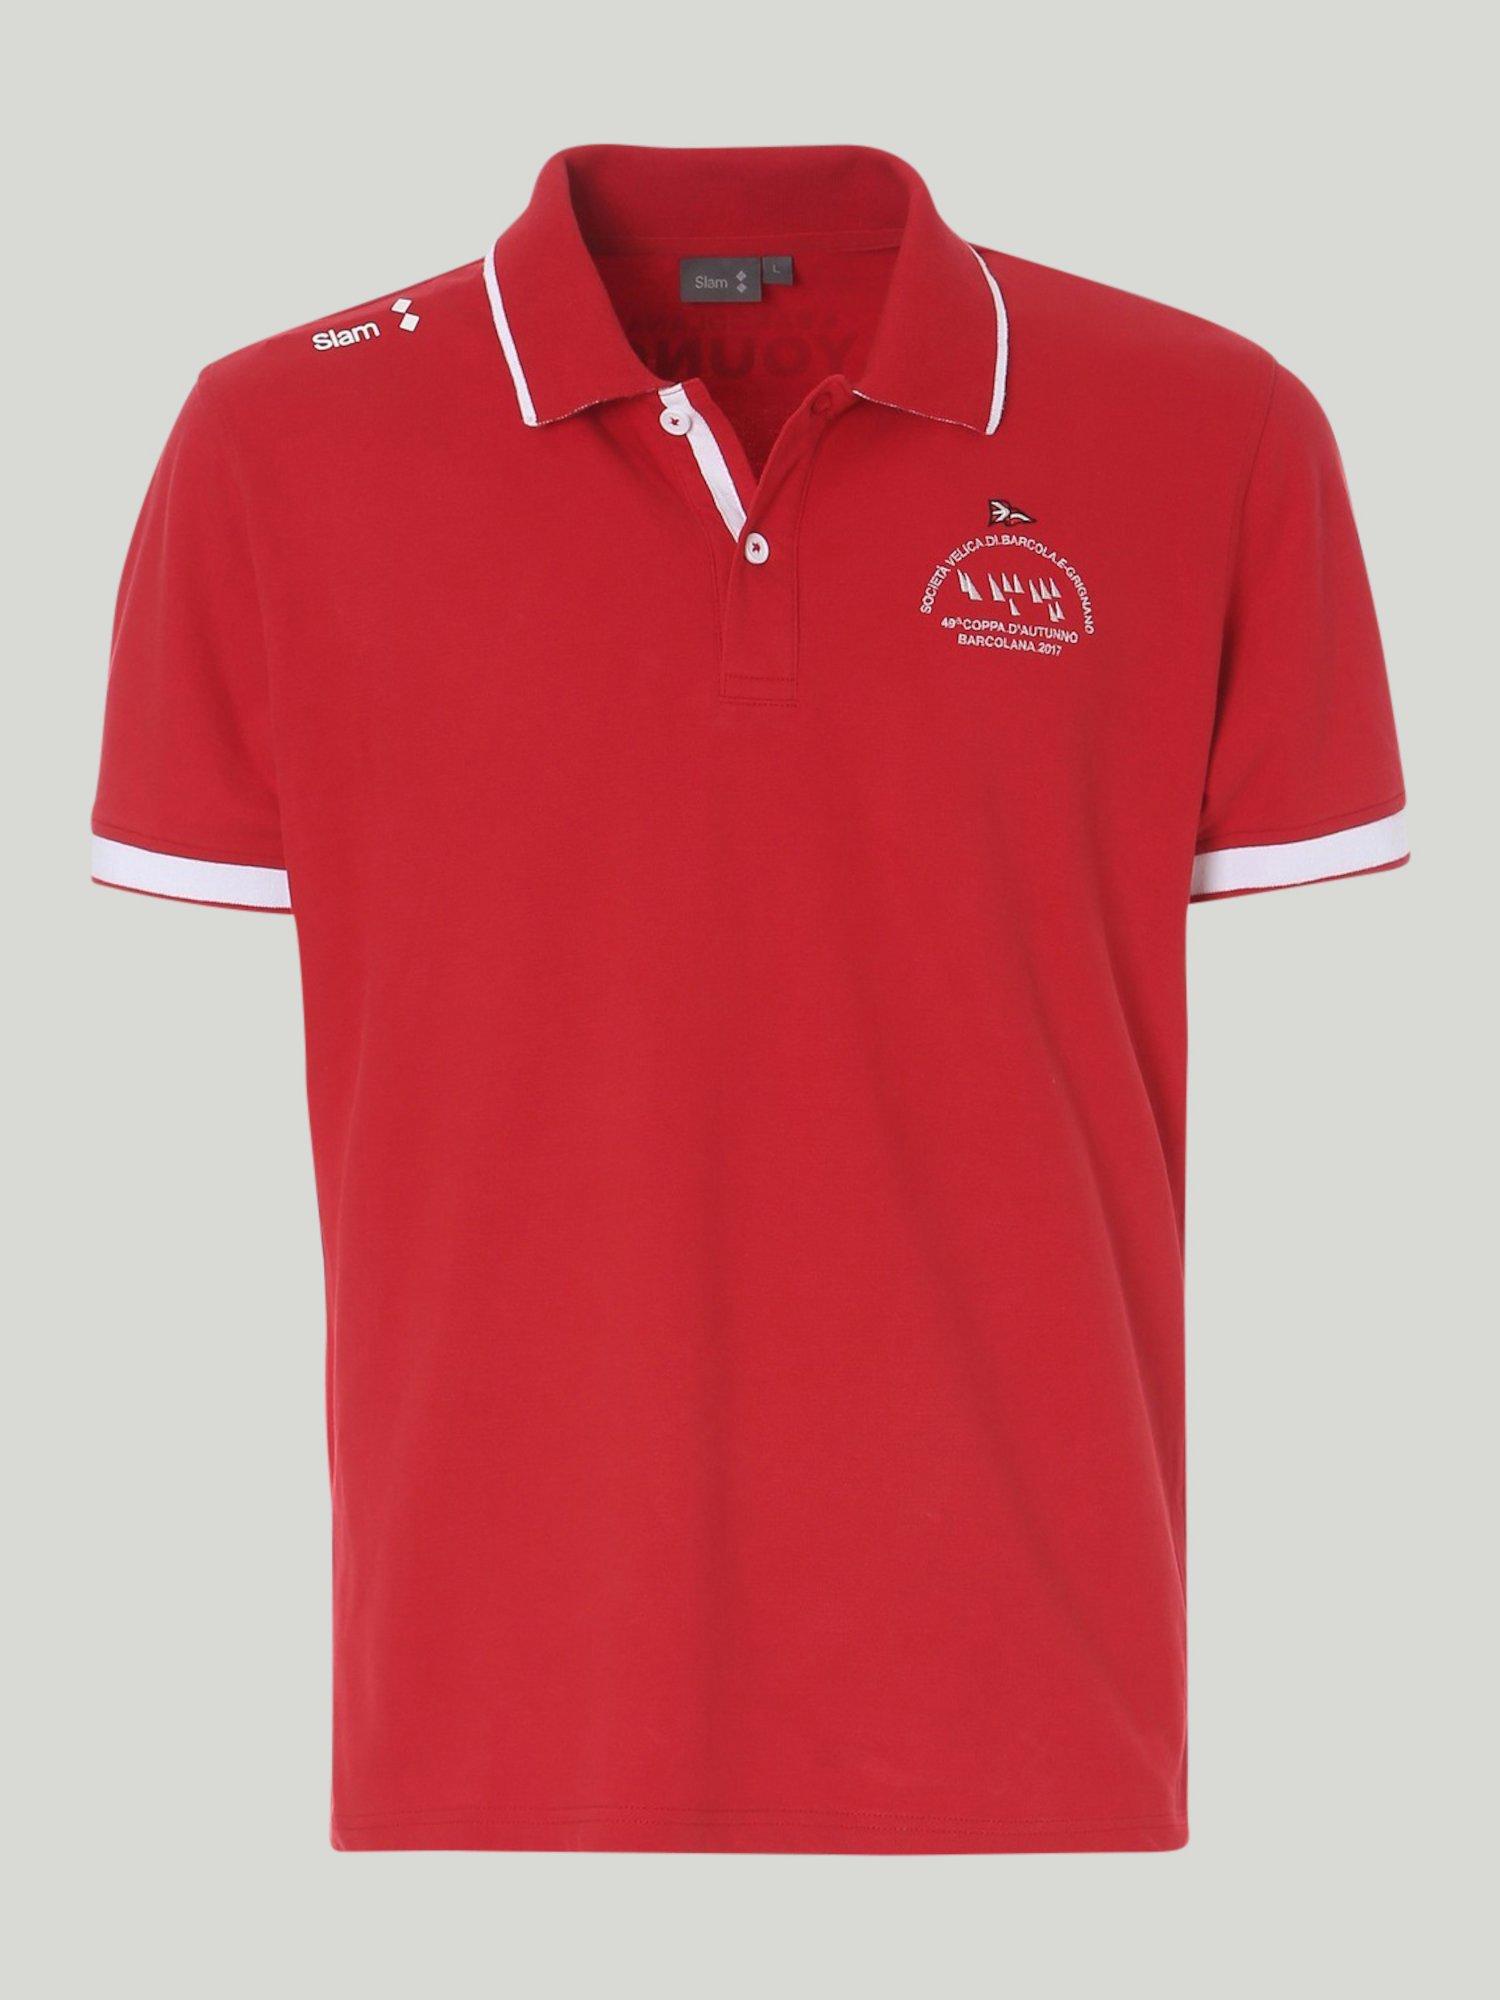 Poloshirt Young 49 Barcolana - Chili Red